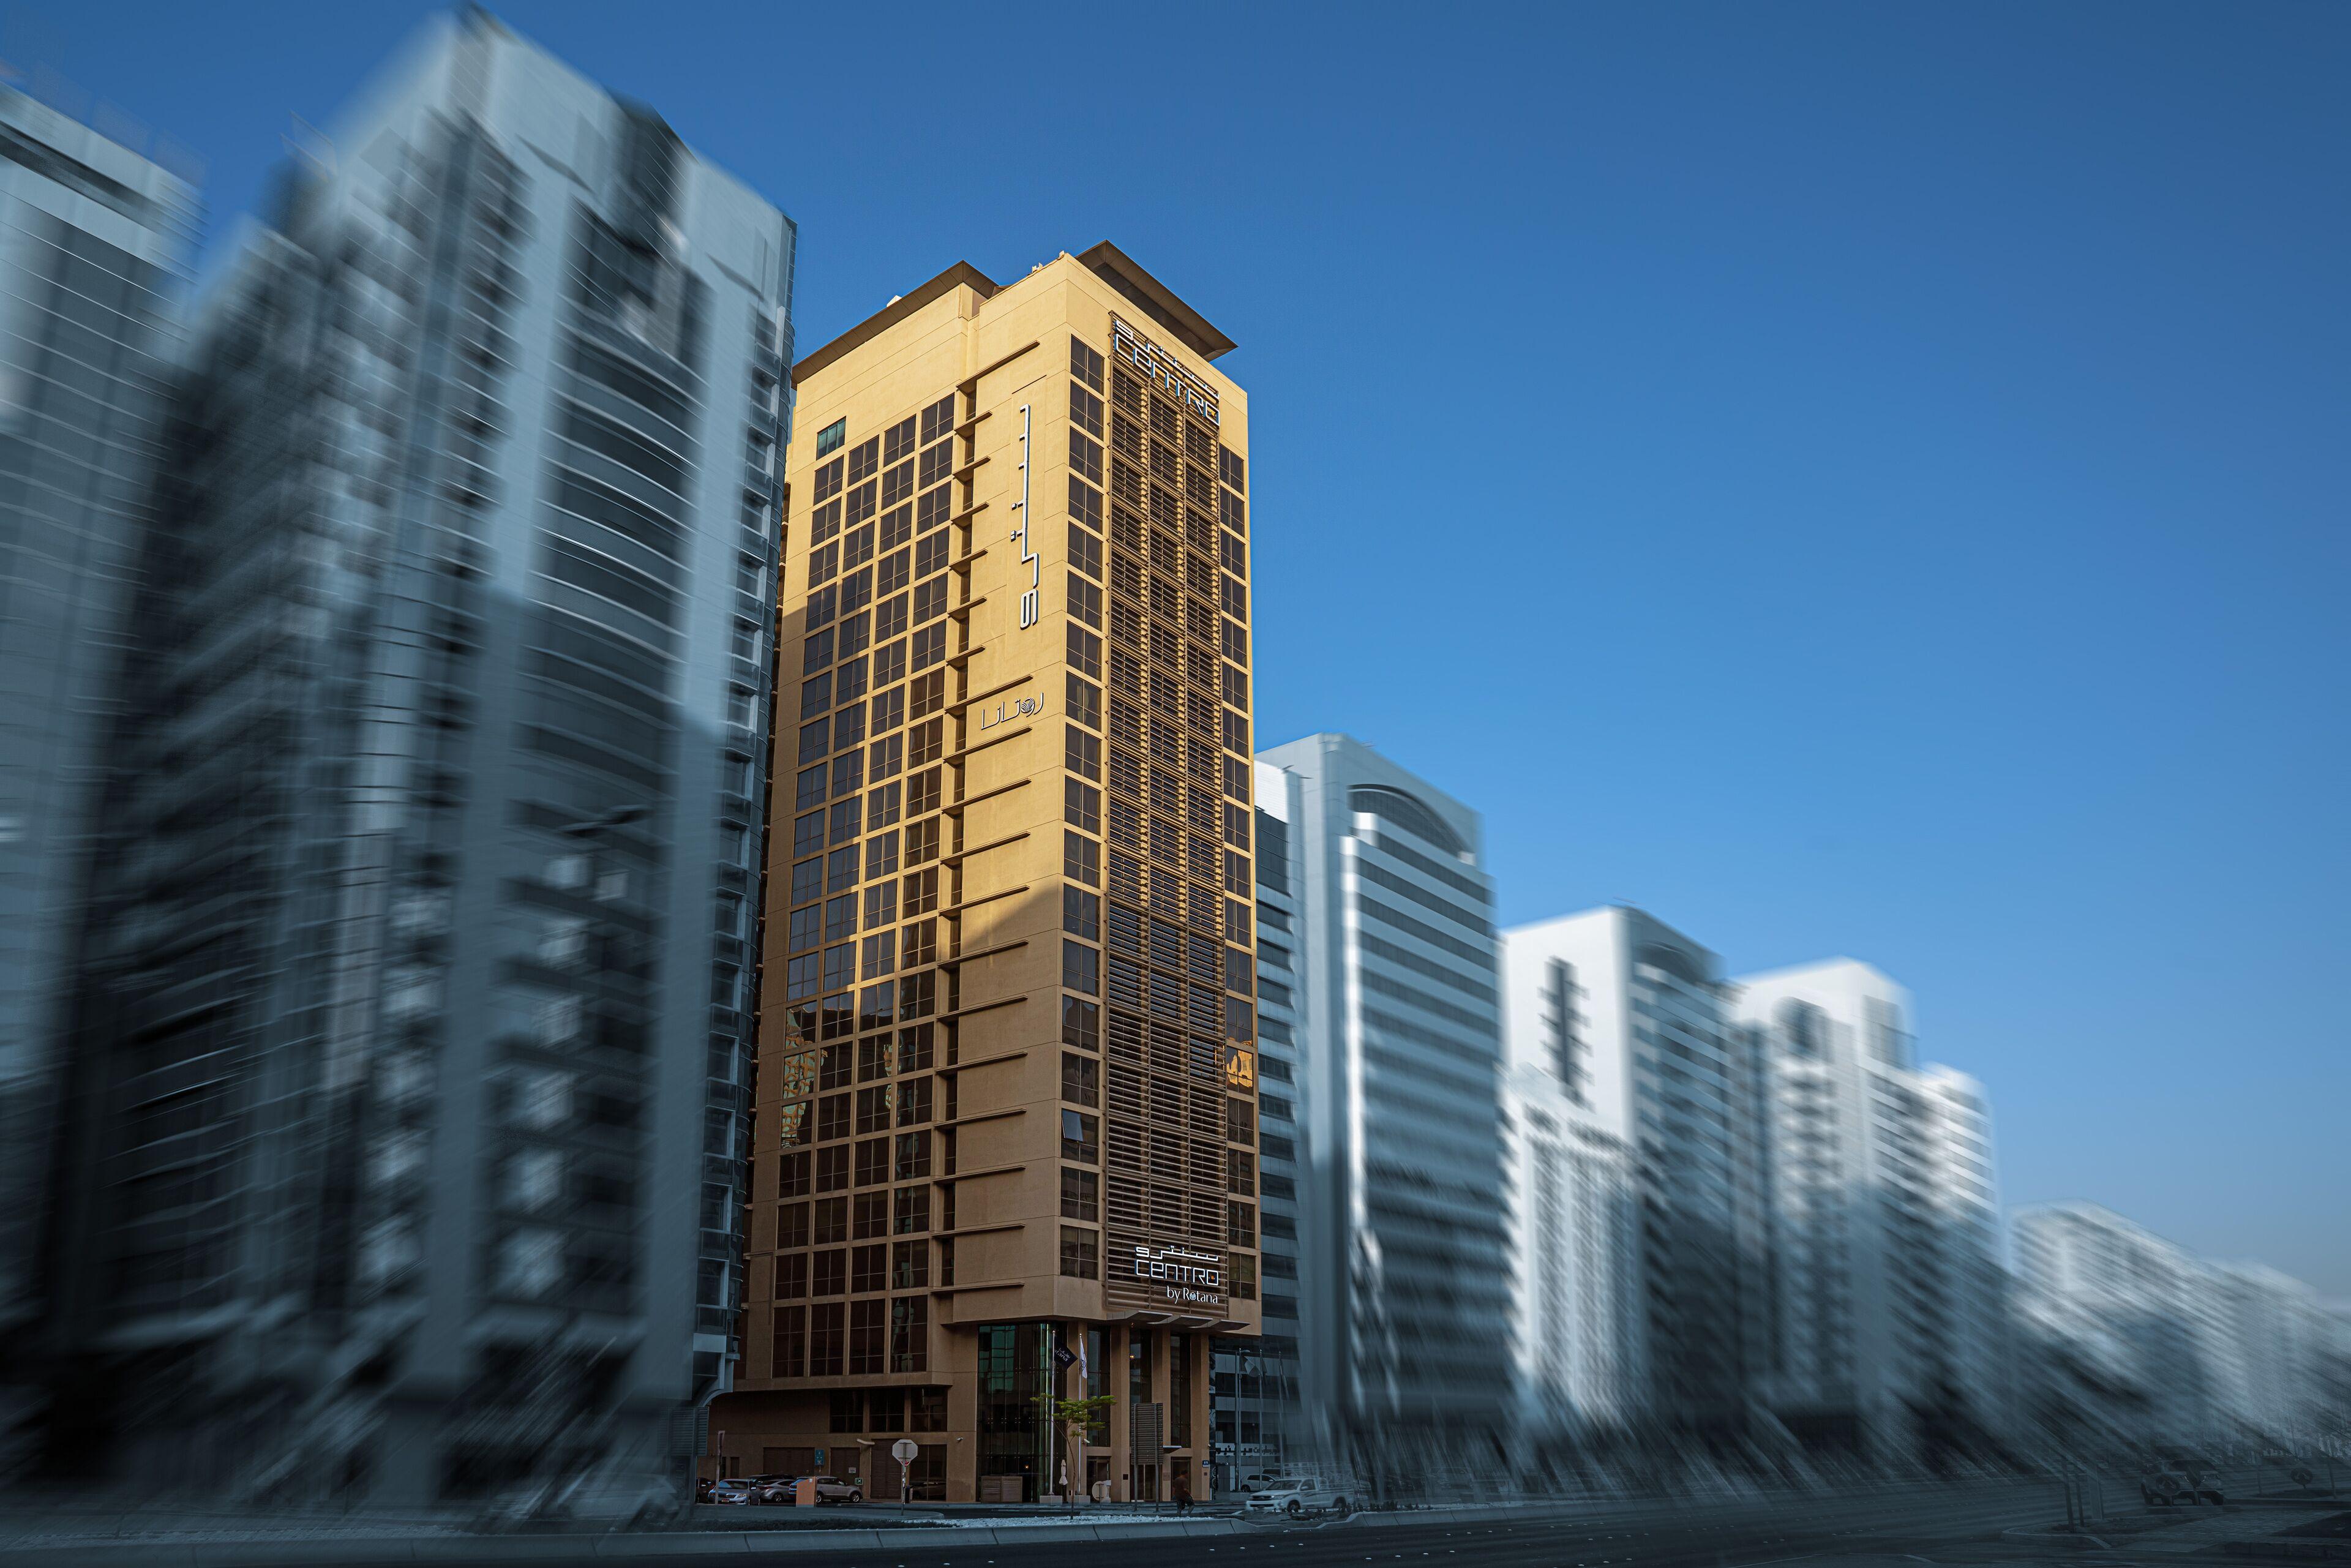 Centro Al Manhal By Rotana